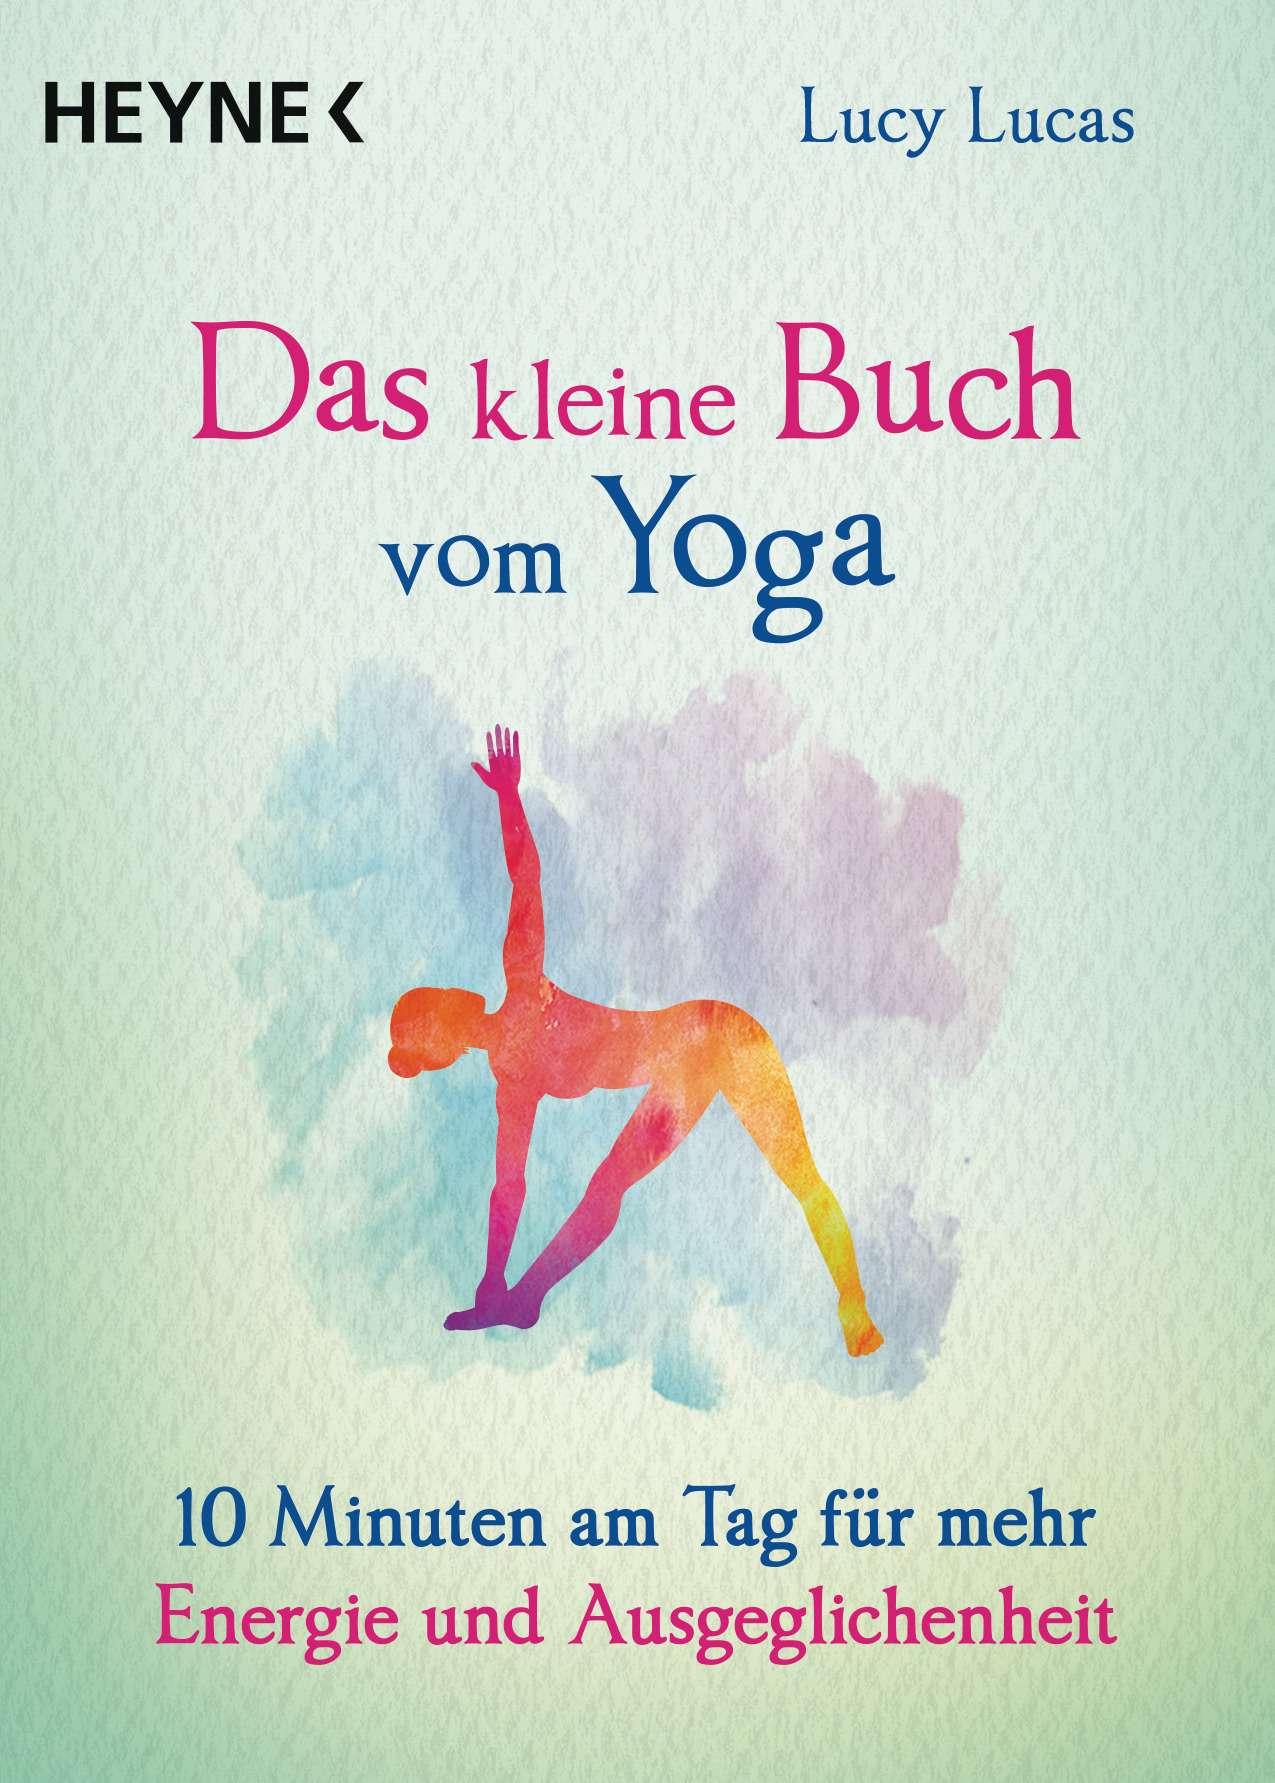 Das kleine Buch vom Yoga von Lucy Lucas © Heyne